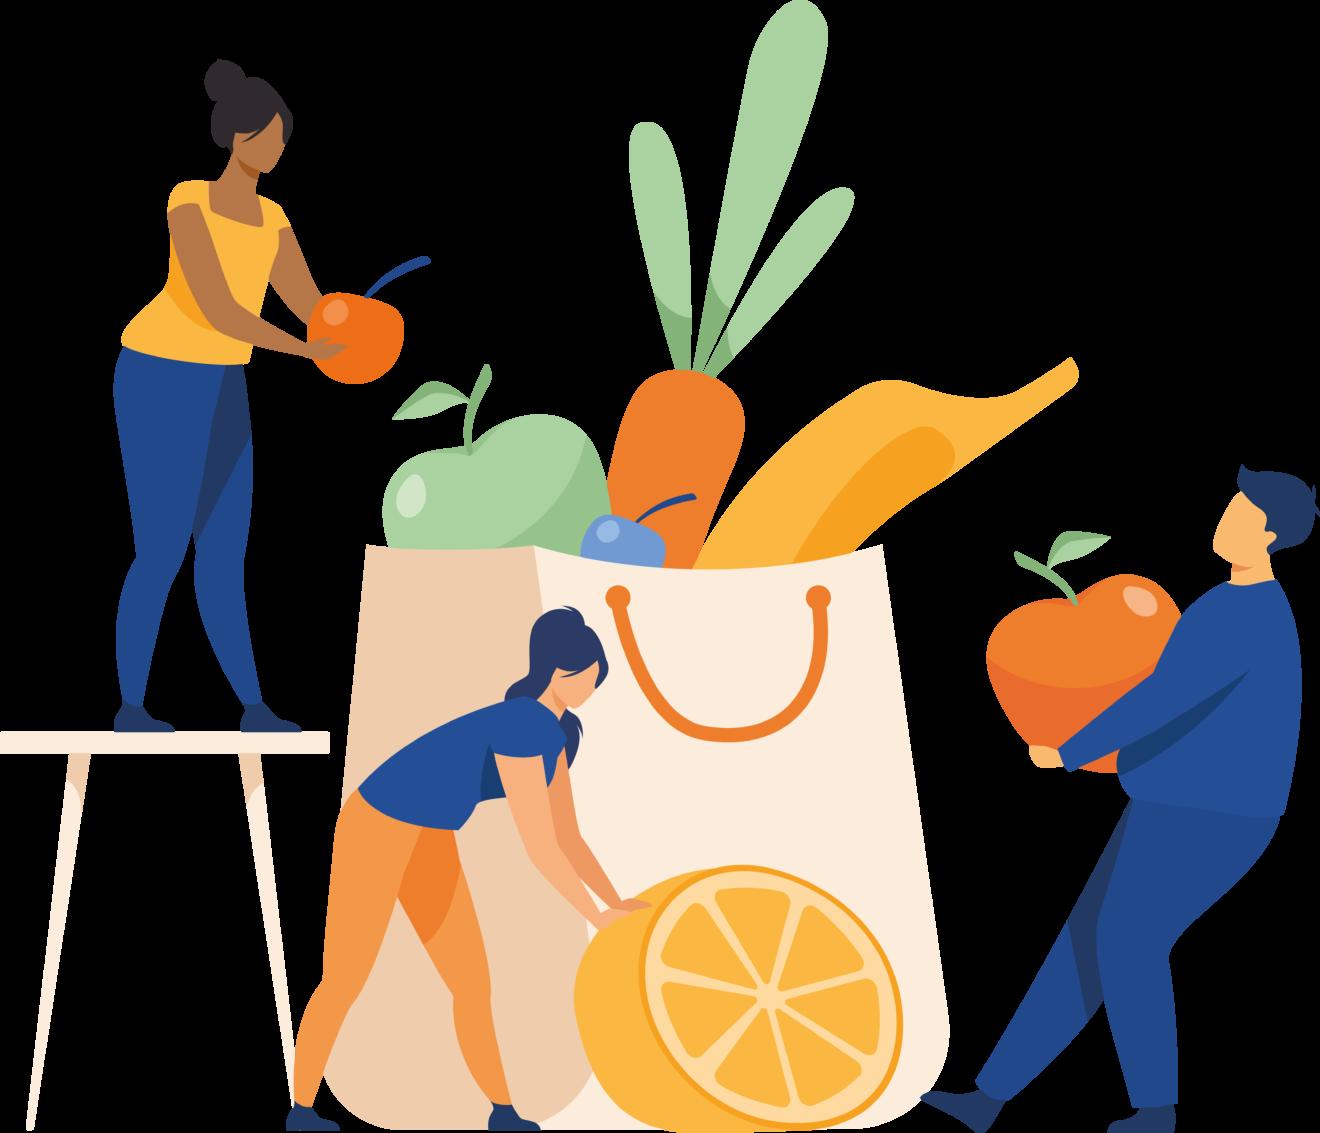 La boîte à outils Alim'Activ - Des ressources pour coordonner localement la lutte contre la précarité alimentaire